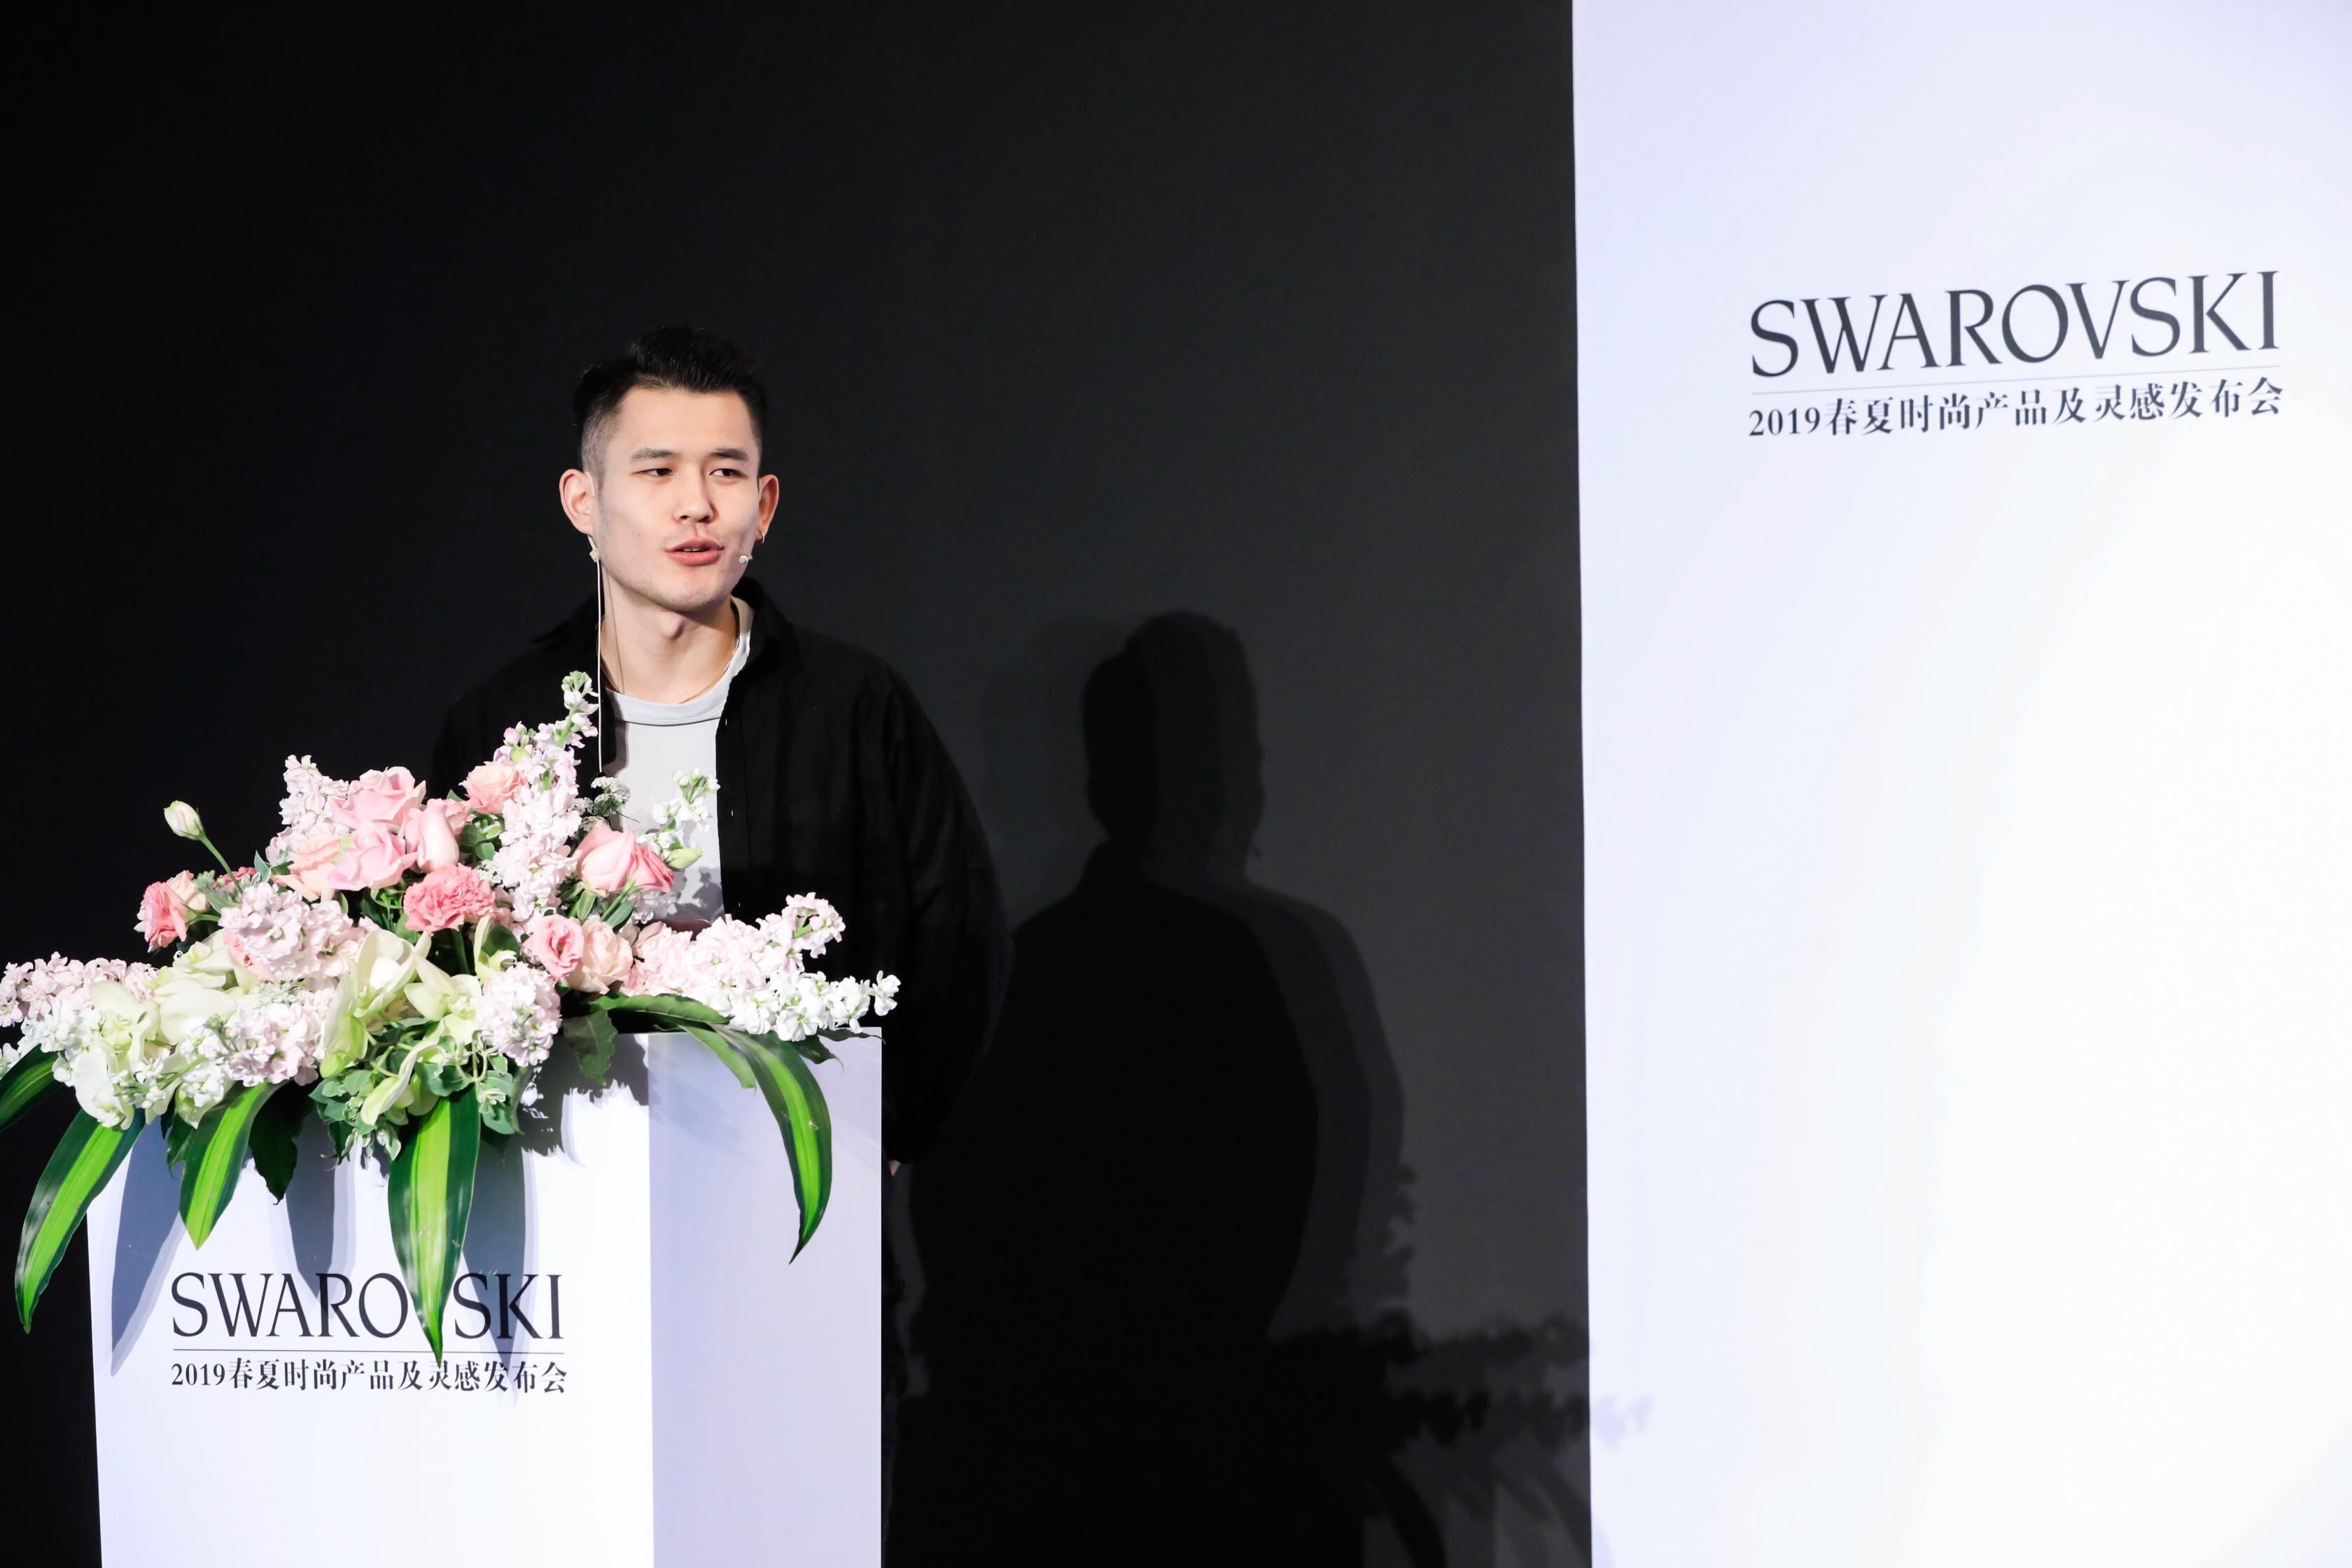 施华洛世奇推出2019春夏创新元素